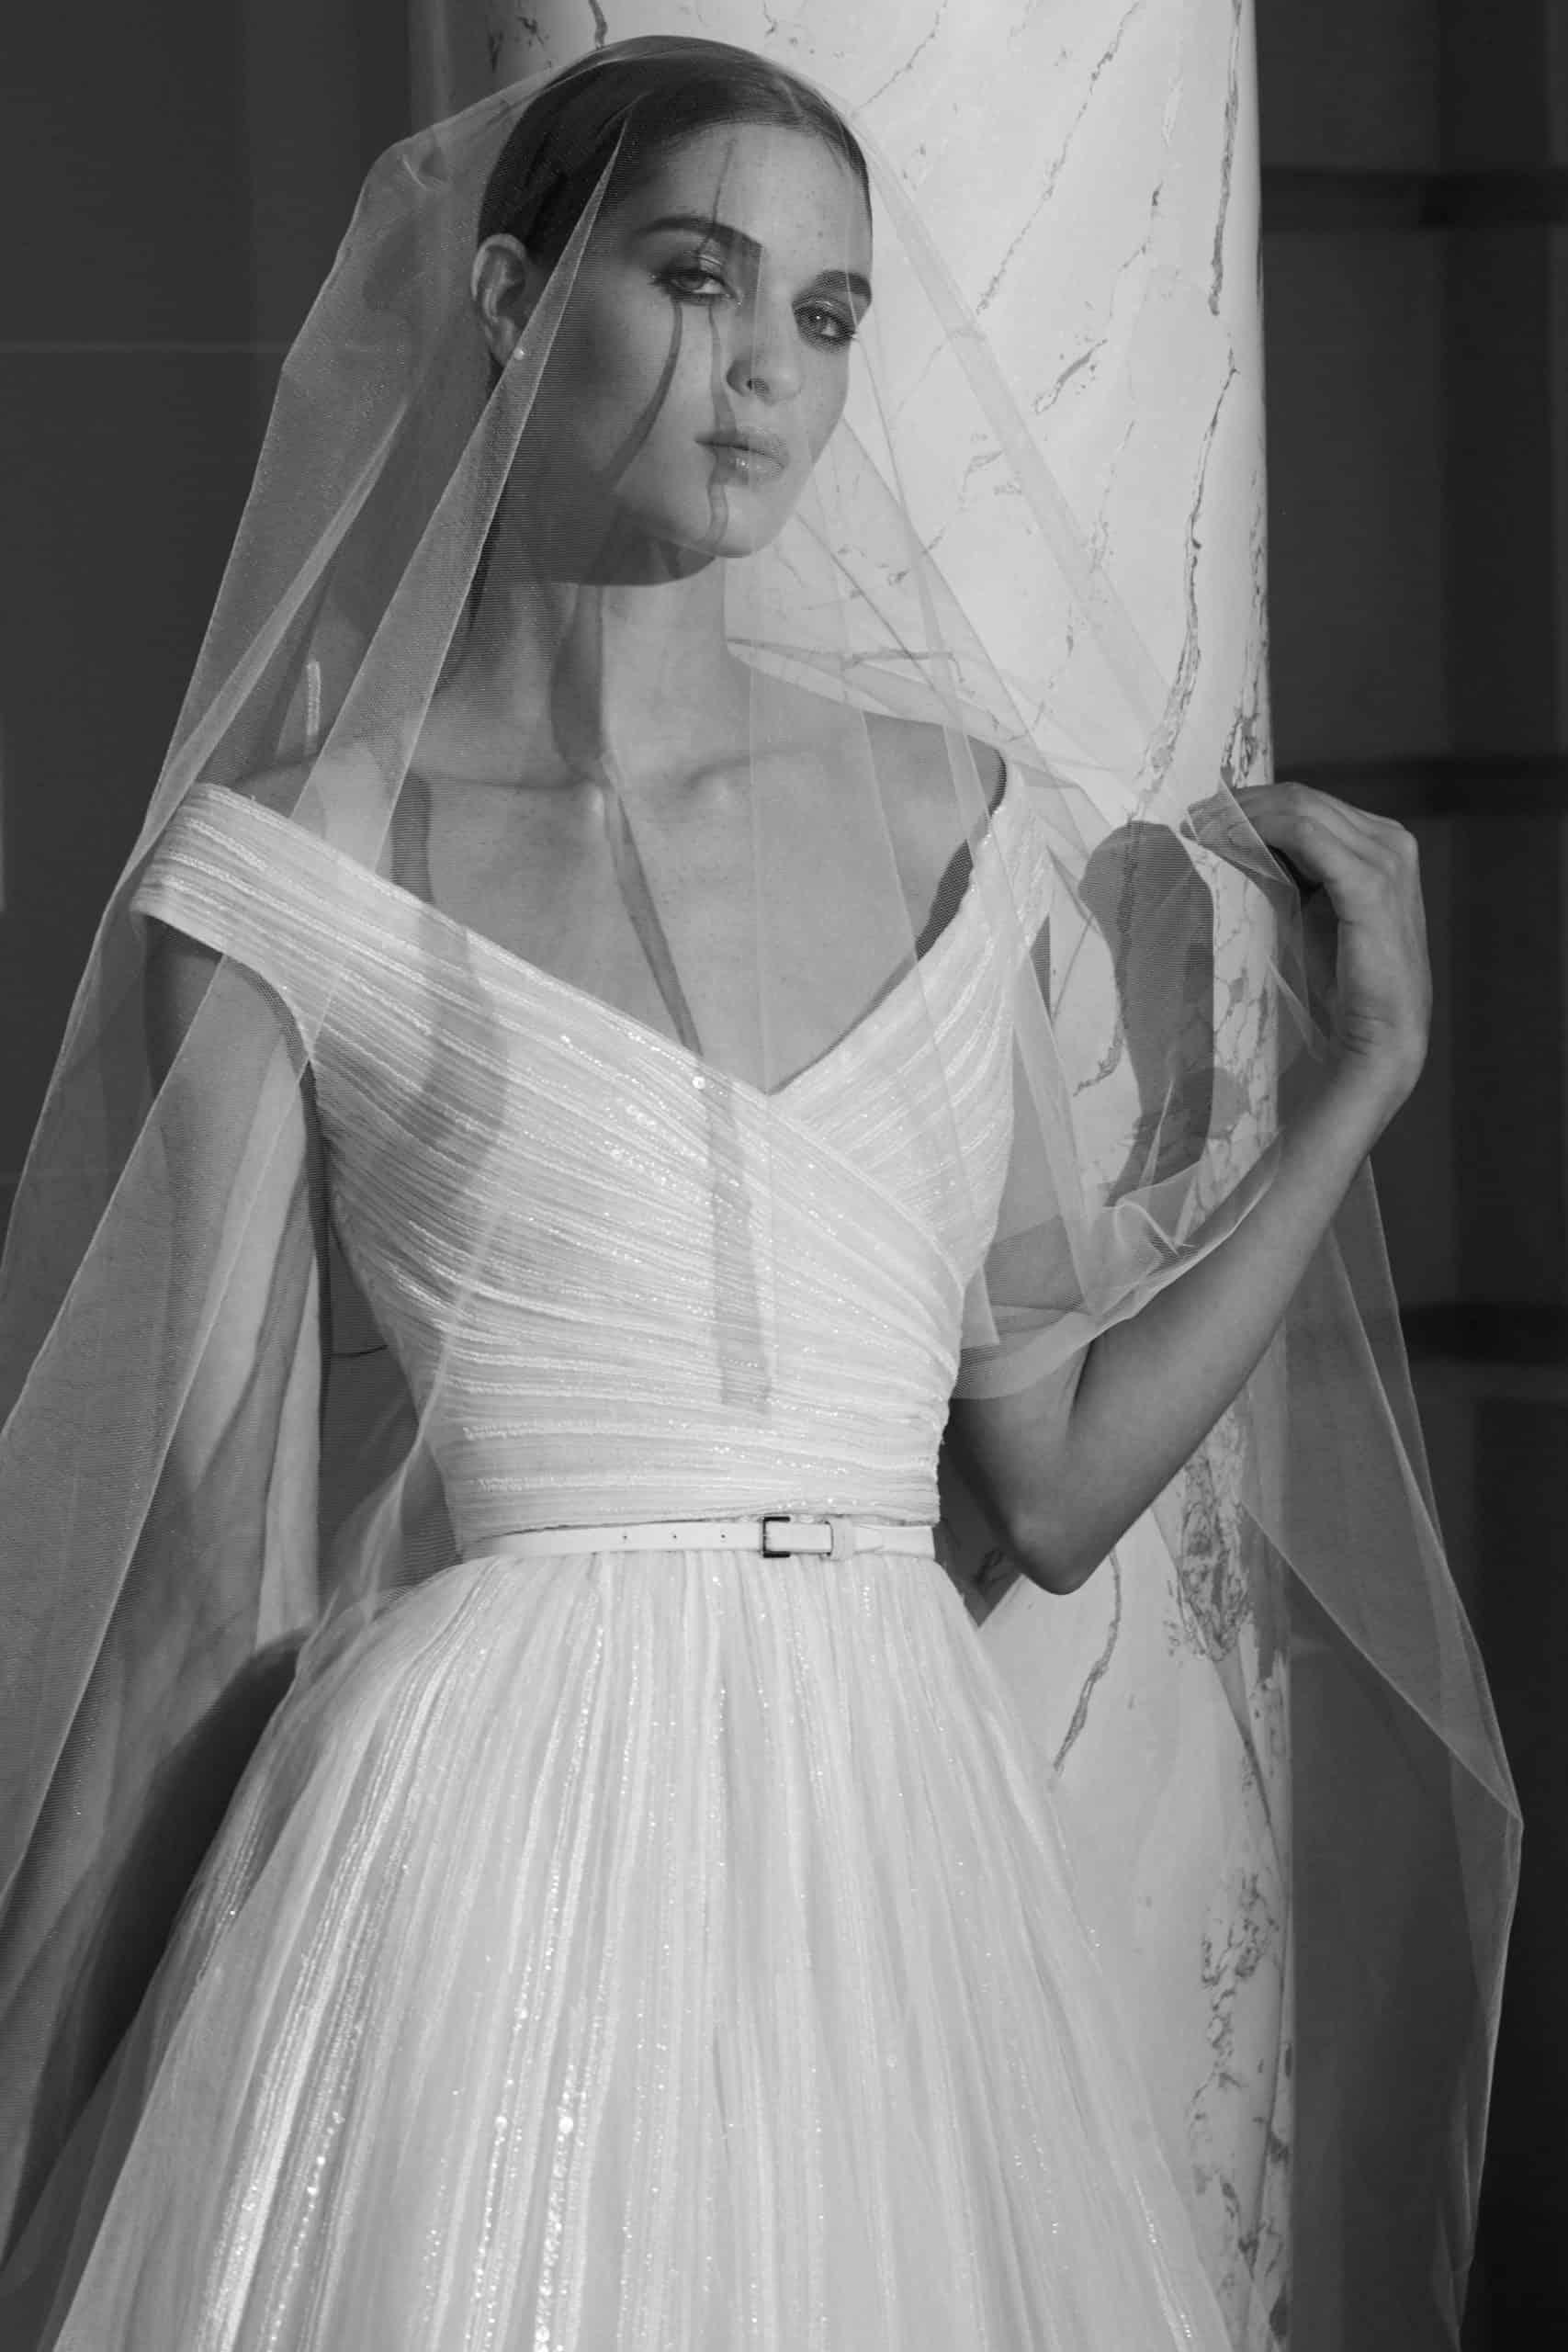 πλισέ νυφικό φόρεμα με ζώνη και βέλος από την Elie Saab